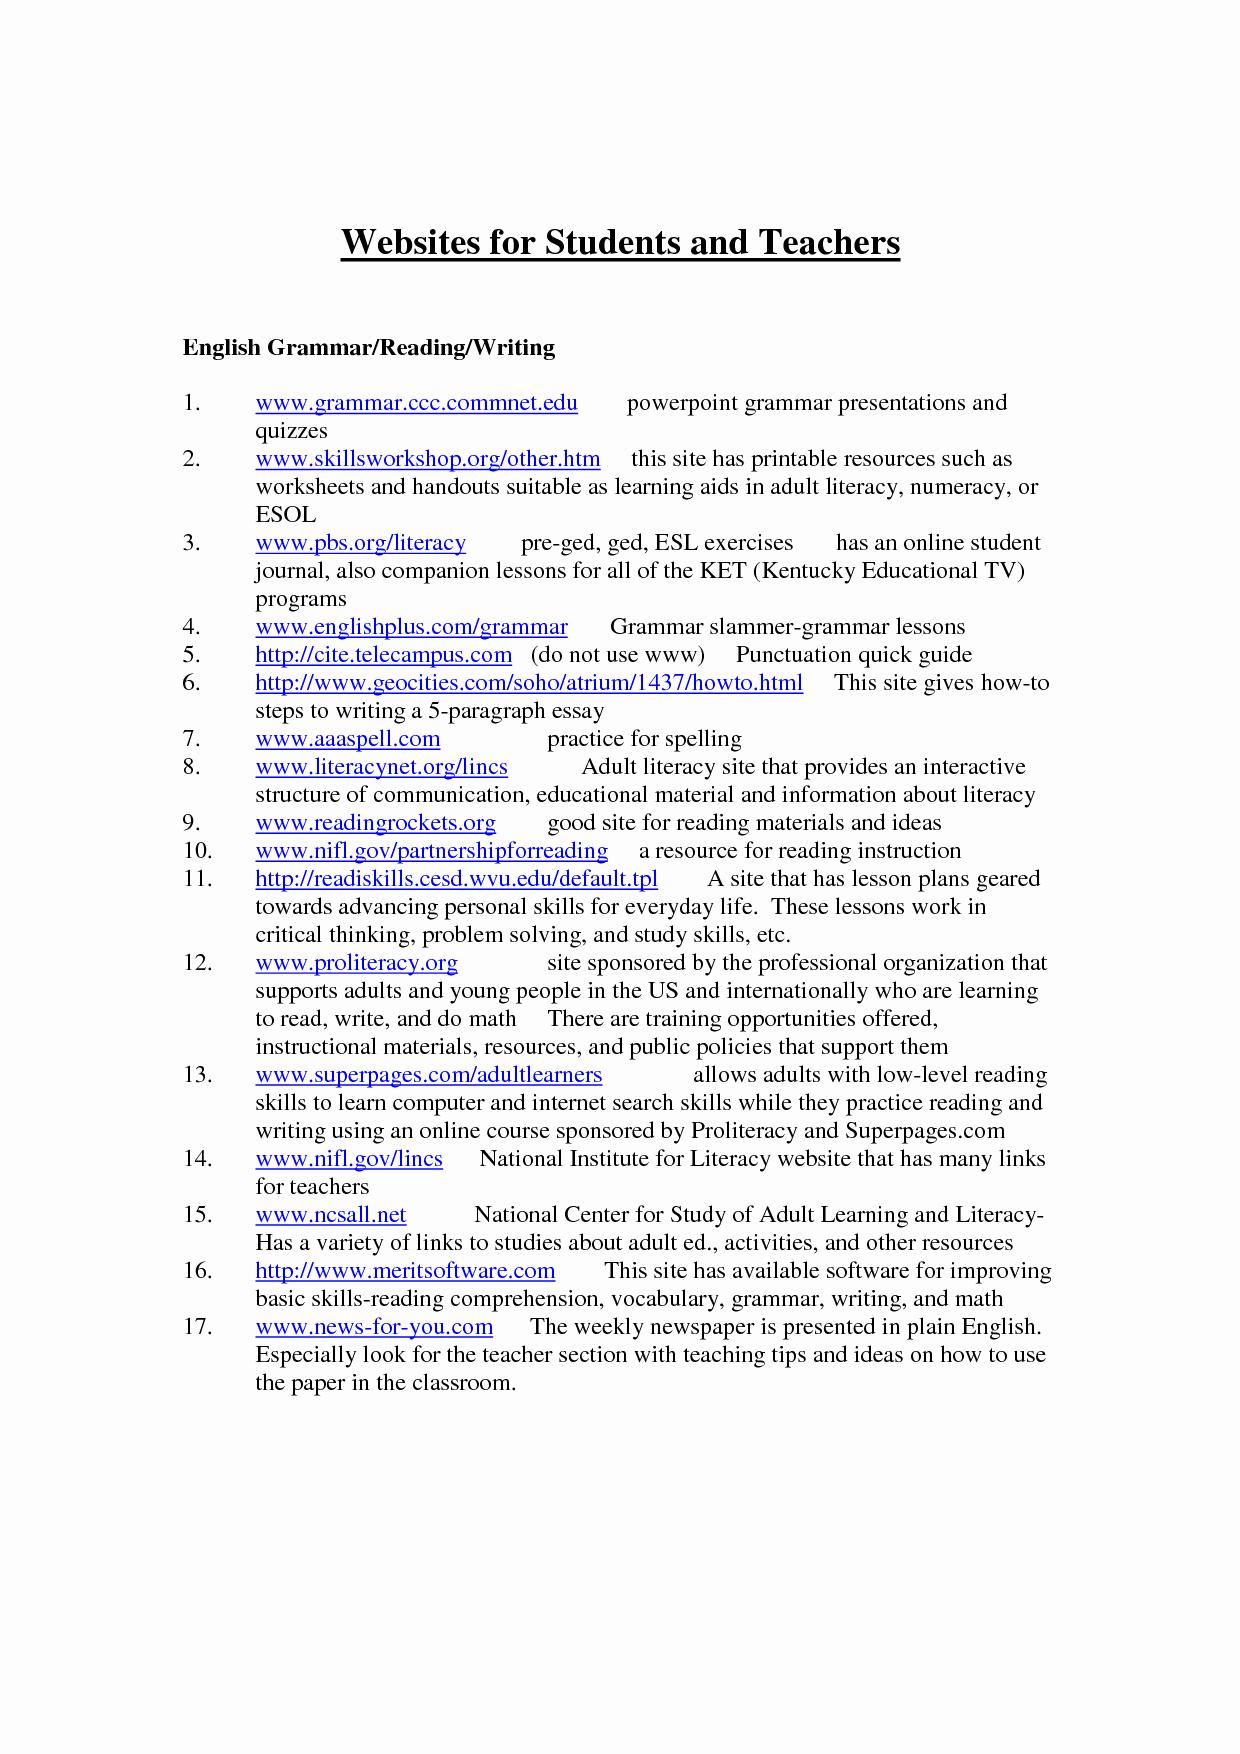 Free Printable Ged Science Worksheets | Free Printables | Ged Social Studies Printable Worksheets